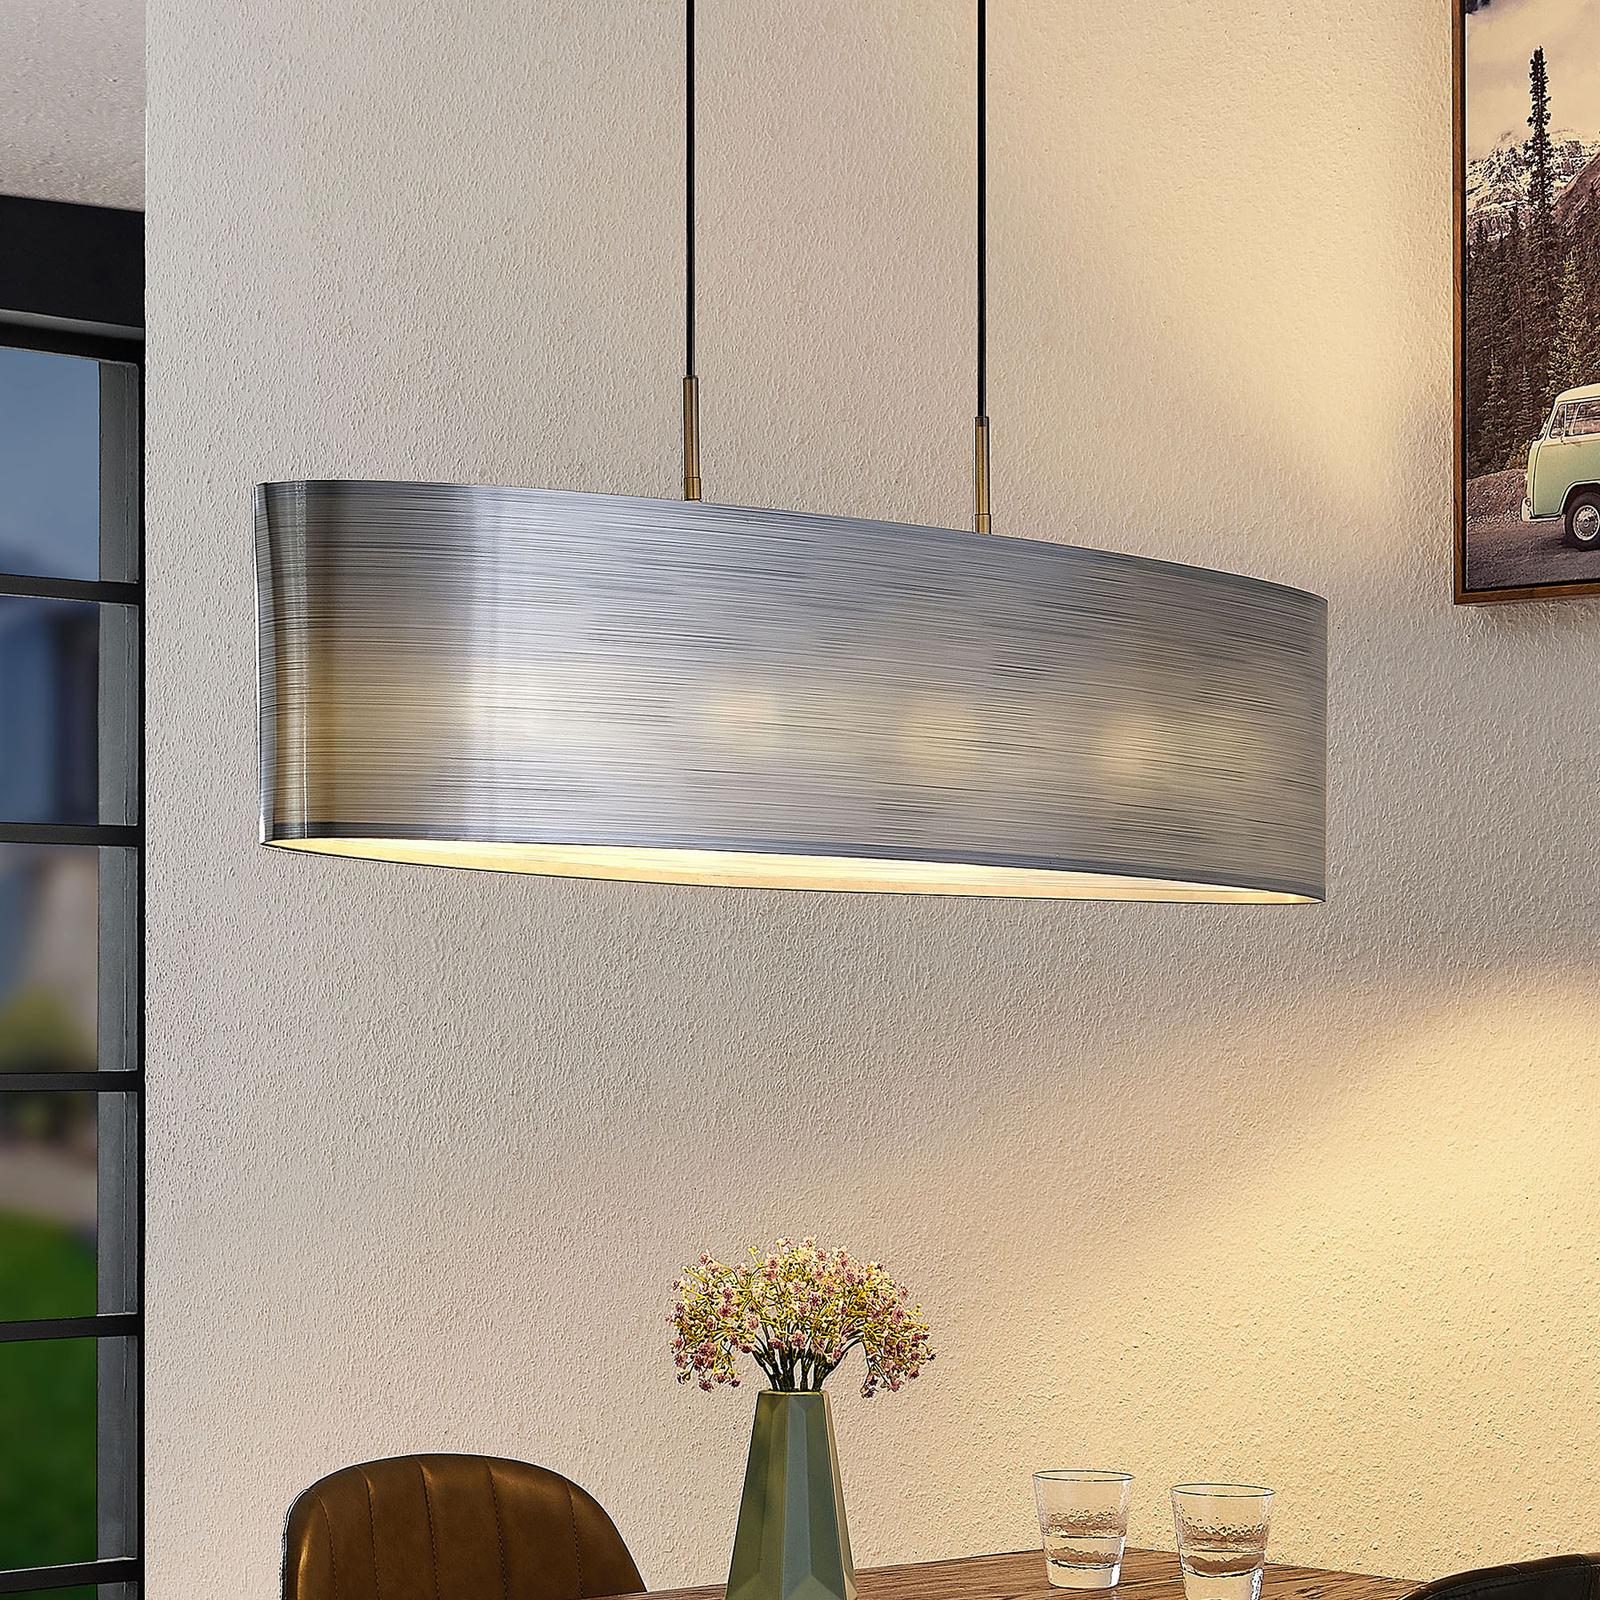 Lindby Dexin hængelampe til spisebord, 4 lyskilder